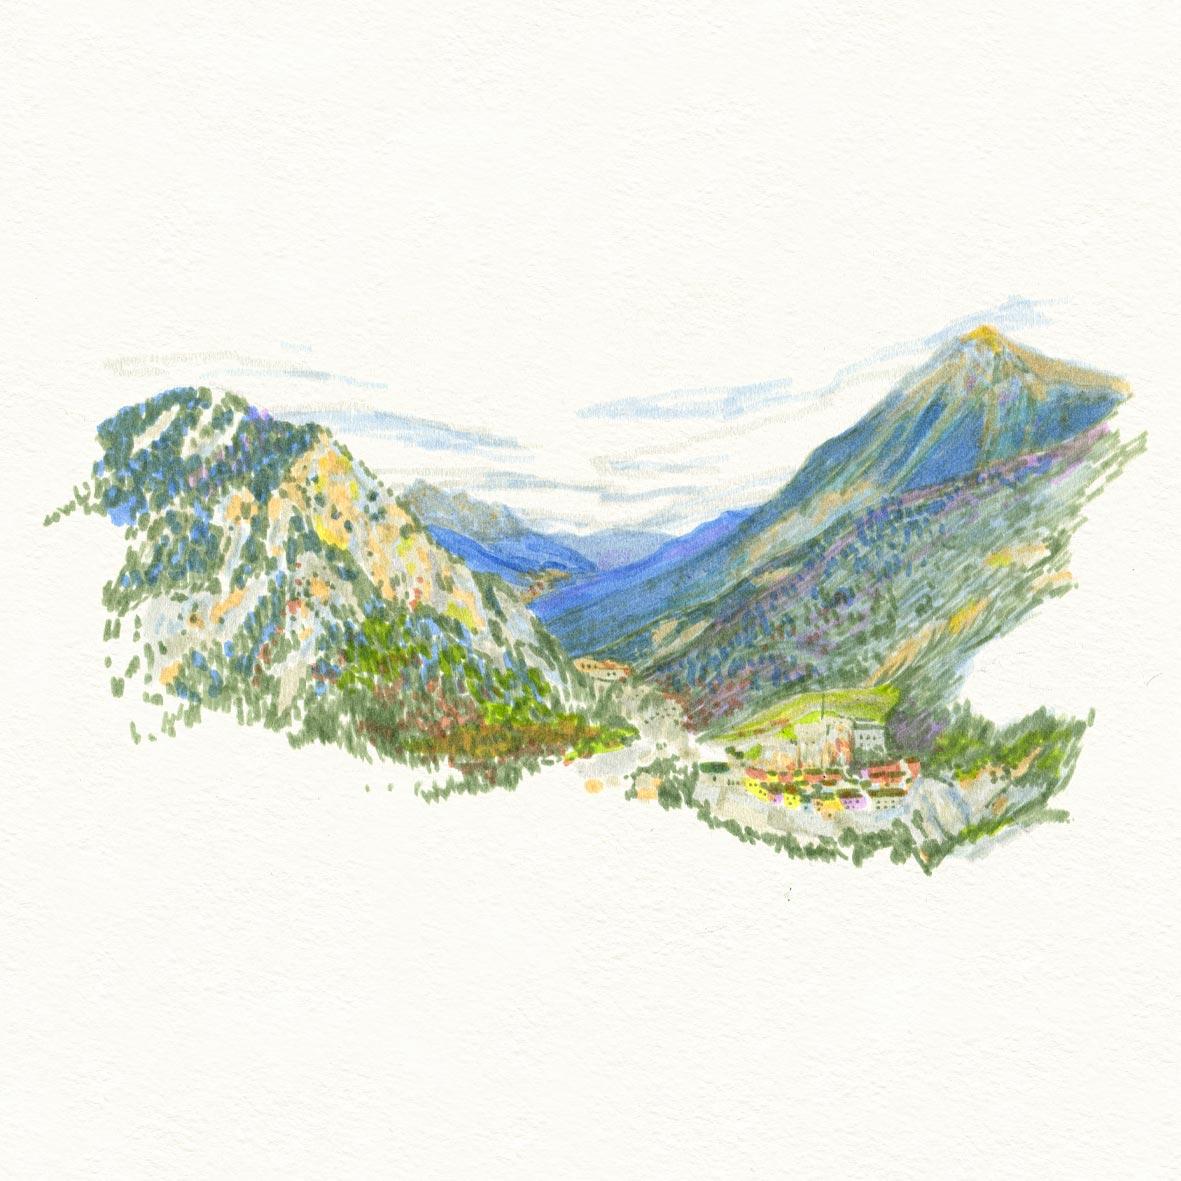 croquis_summer_sketche_feutre_montagne_04